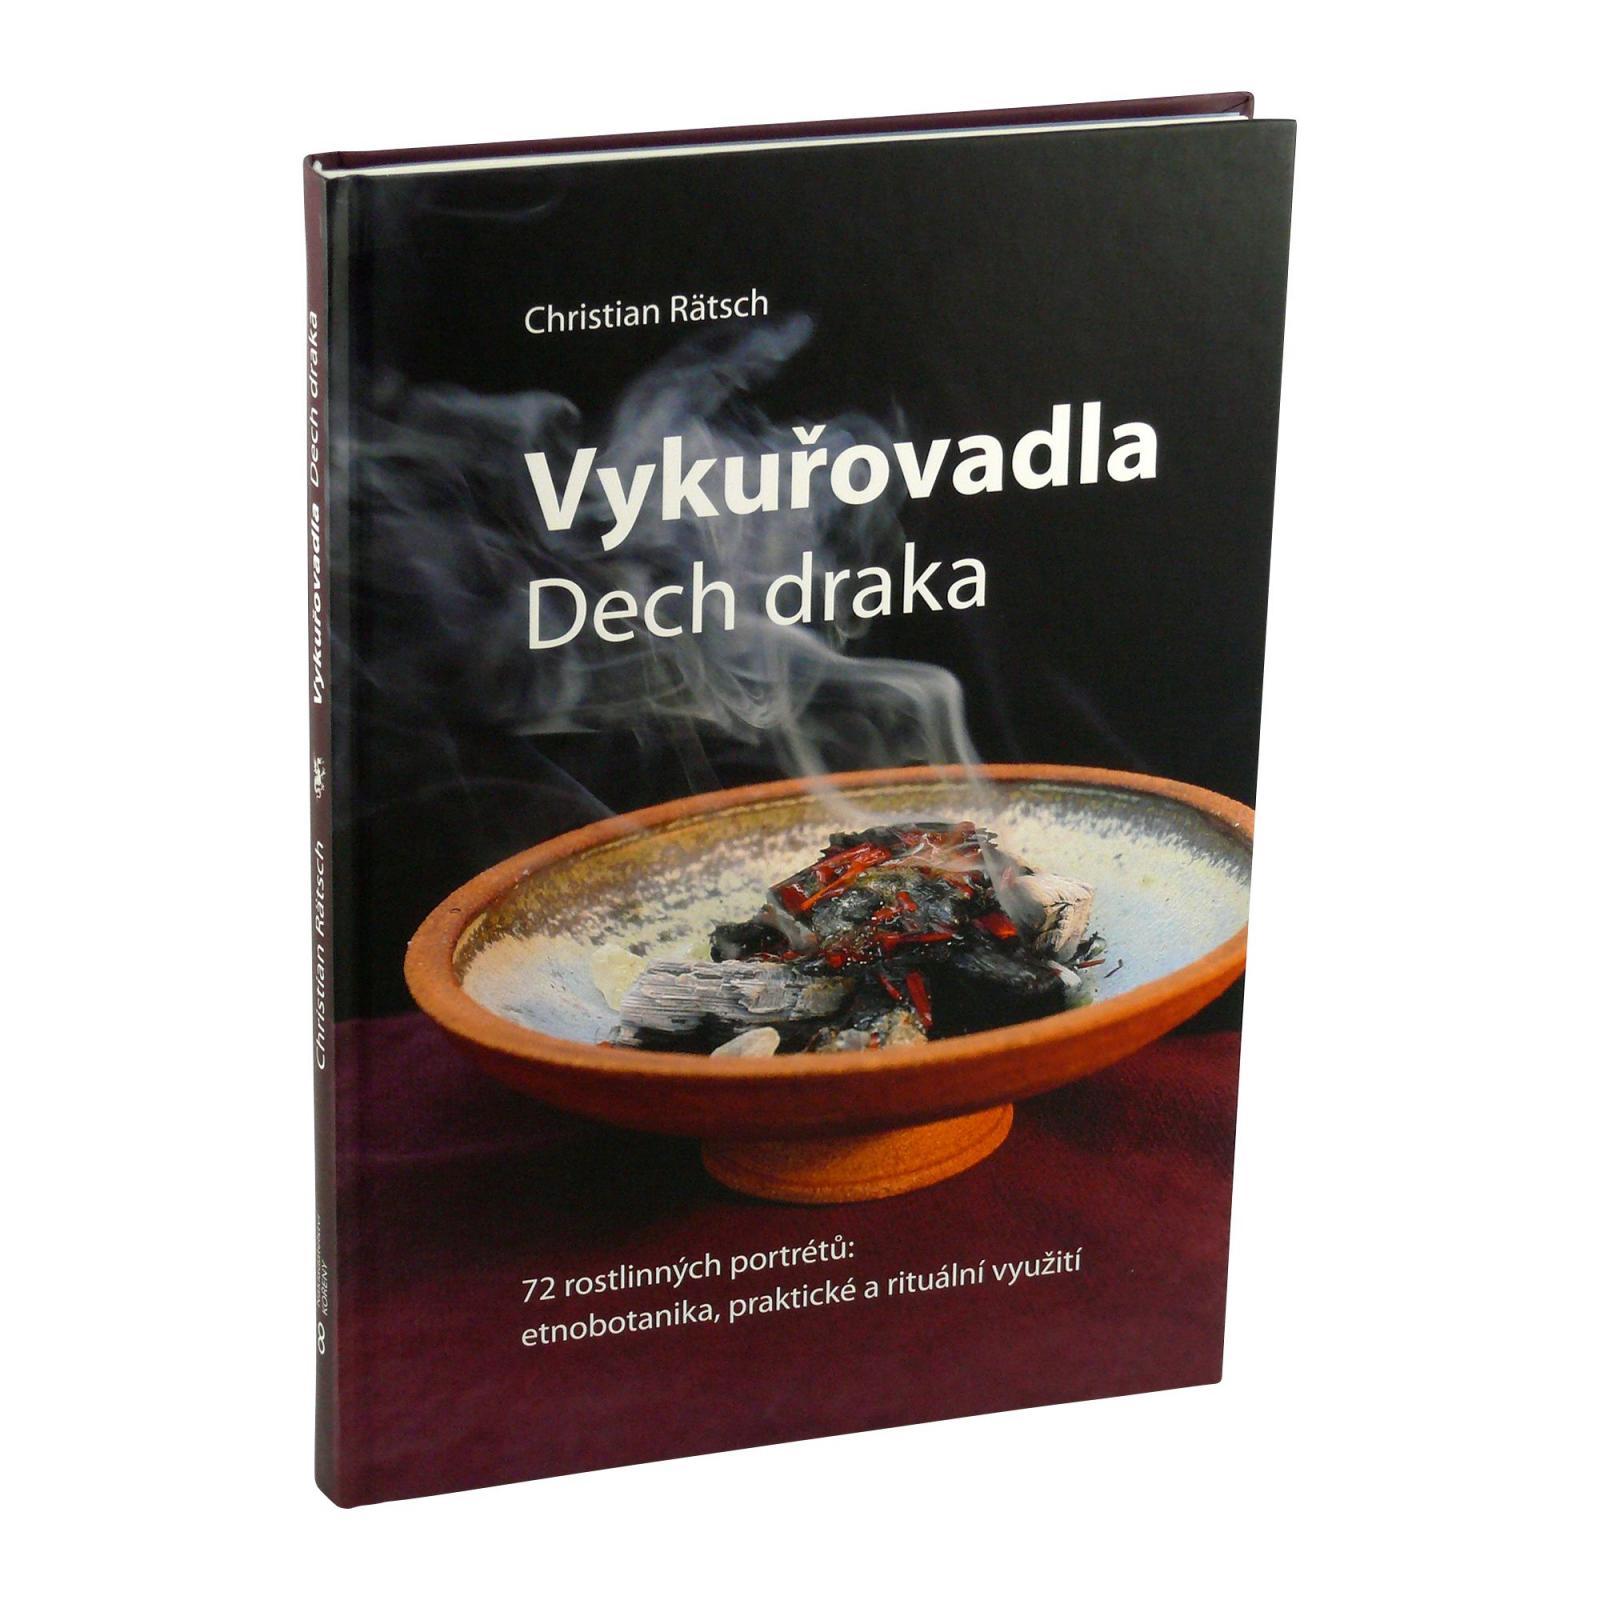 Vykuřovadla Rymer Vykuřovadla Dech draka, Christian Ratsch 213 stran